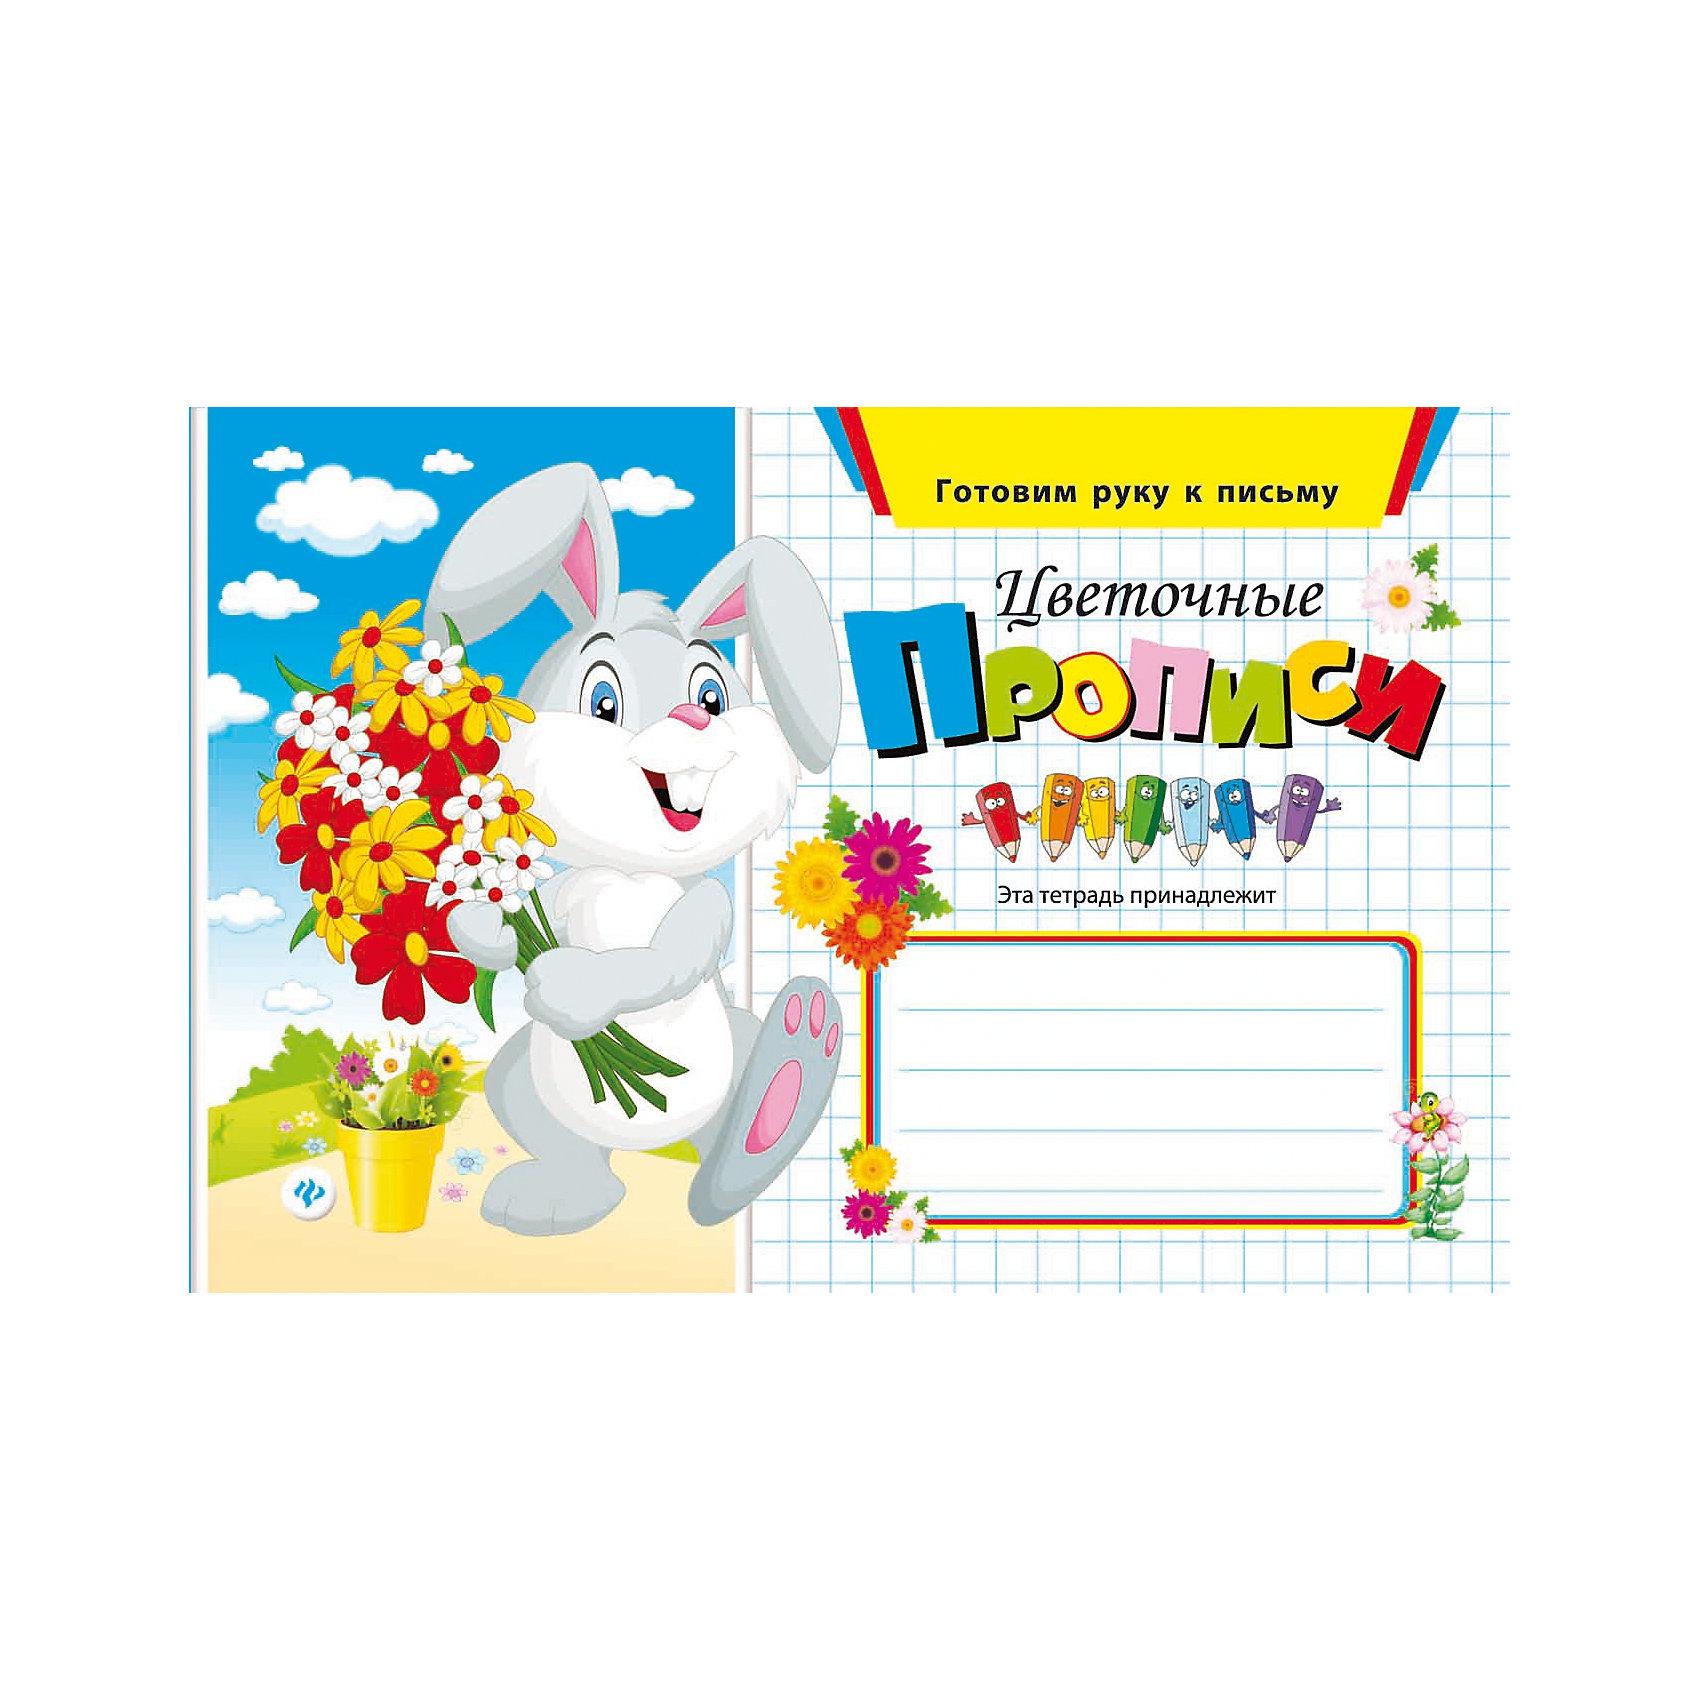 Цветочные прописиПрописи<br>Цветочные прописи, 3-е издание<br><br>Характеристики: <br><br>• Кол-во страниц: 16<br>• ISBN: 9785222259382<br>• Возраст: 3+<br>• Обложка: мягкая<br>• Формат: а4<br><br>Эта книга предназначены для работы с детьми 3-4 лет. Она поможет развить детям те навыки, которые особенно пригодятся им в начальной школе, когда нужно будет учиться писать буквы правильно. Занимаясь прописями, ребенок вырабатывает умение ориентироваться на листе бумаги, развивает свое зрительное восприятие и мелкую моторику, а так же координацию движений.<br><br>Цветочные прописи, 3-е издание можно купить в нашем интернет-магазине.<br><br>Ширина мм: 140<br>Глубина мм: 206<br>Высота мм: 20<br>Вес г: 34<br>Возраст от месяцев: -2147483648<br>Возраст до месяцев: 2147483647<br>Пол: Унисекс<br>Возраст: Детский<br>SKU: 5464584